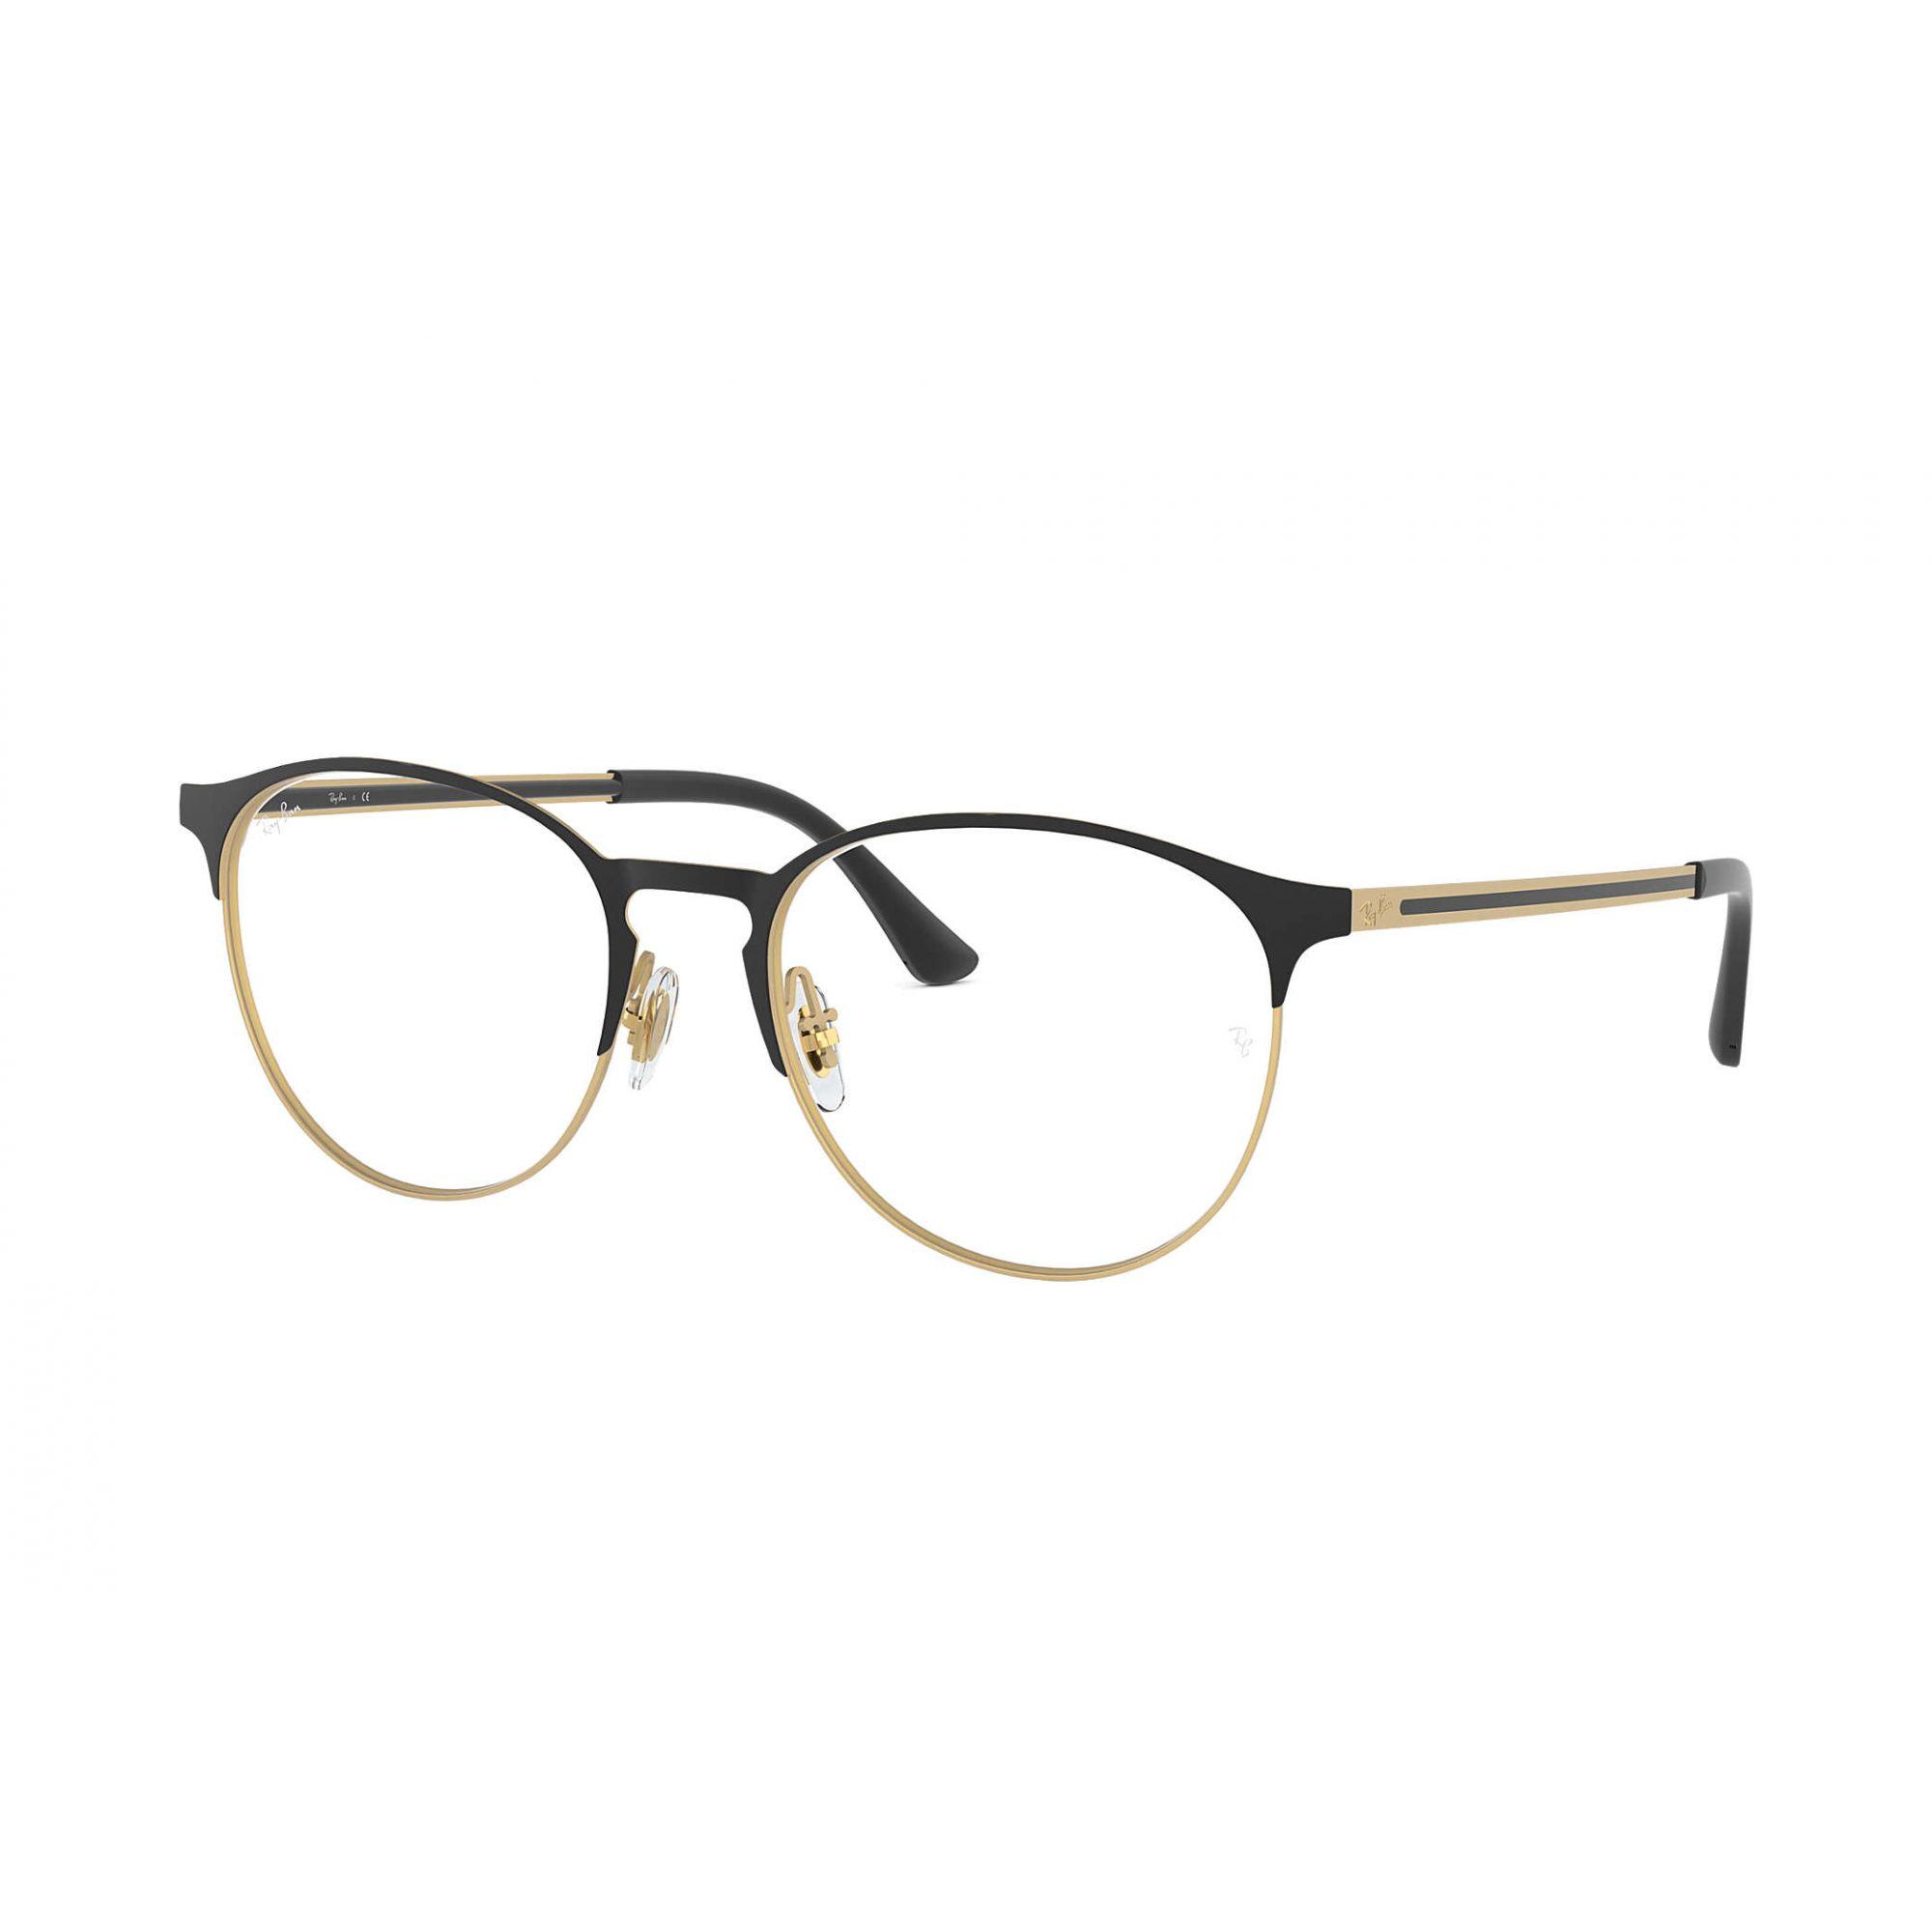 Ray Ban - RB6375 3051 - Óculos de grau